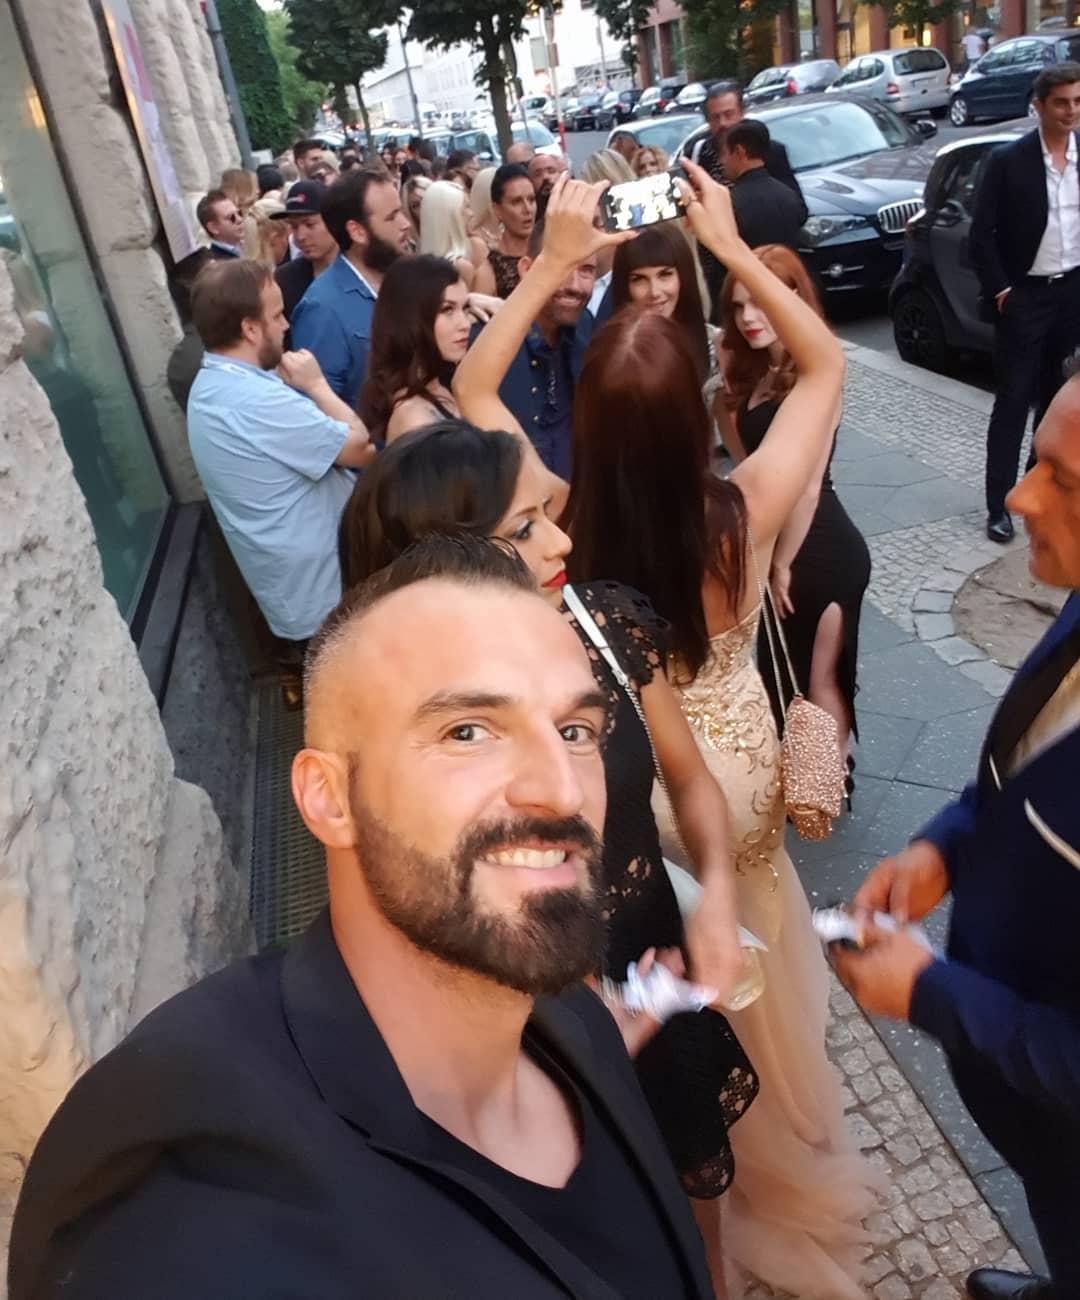 Xbiz Porn Awards last evening in Berlin✌🏻🥂 @xbizofficial . #xbizawards #xbiz #xbizberlin #adult #awards #pornawards #porngirls #pornlife #instapornstars #pornactress #berlin #potsdamerplatz #roccosiffredi #bangboss